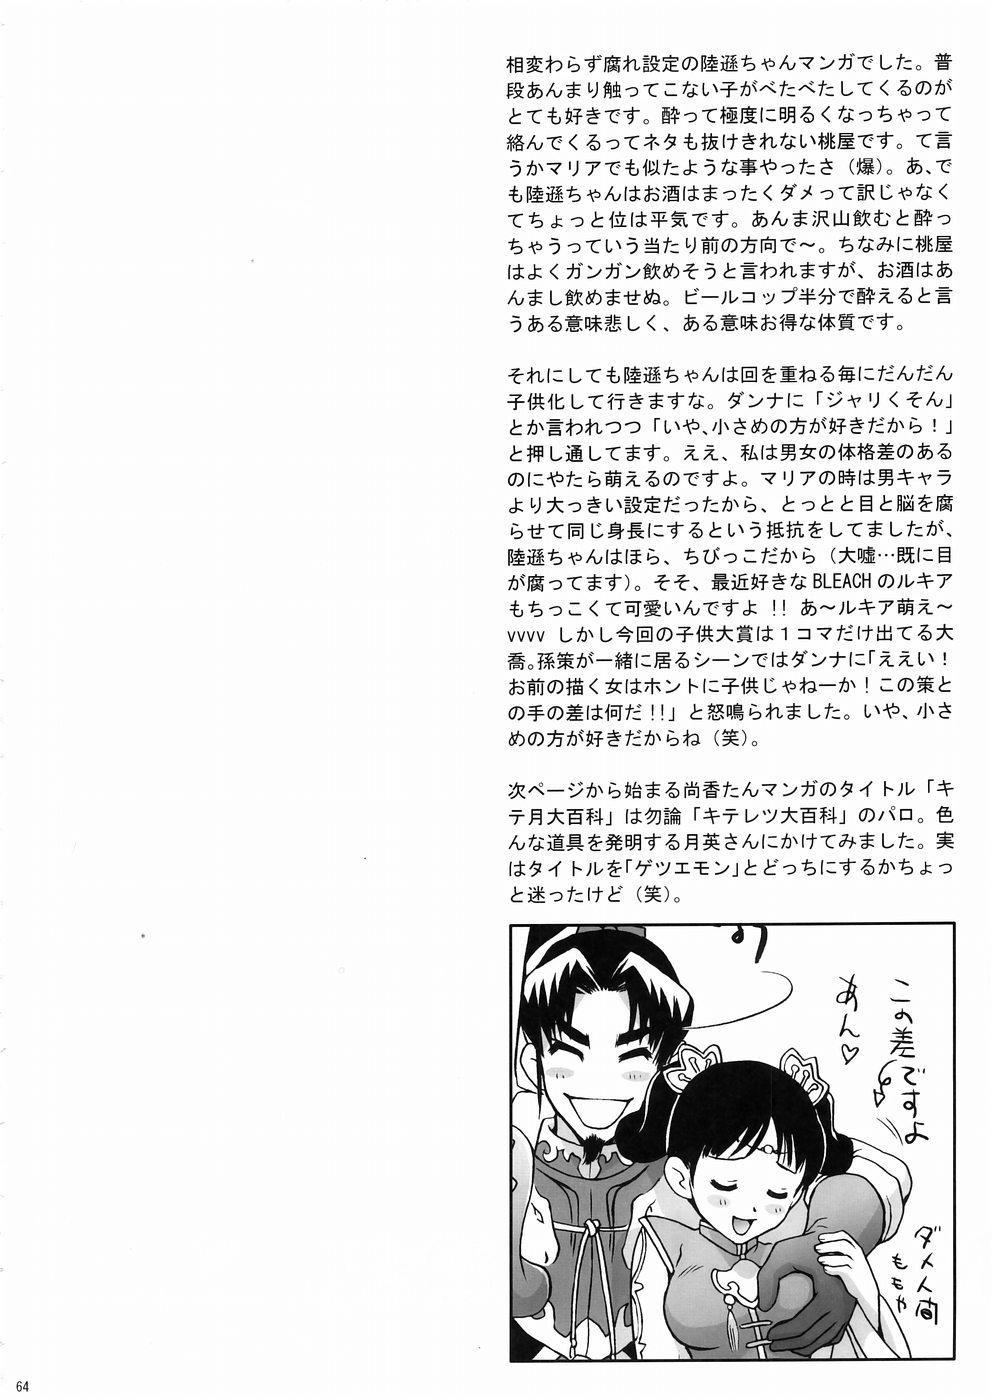 In Sangoku Musou 3 62